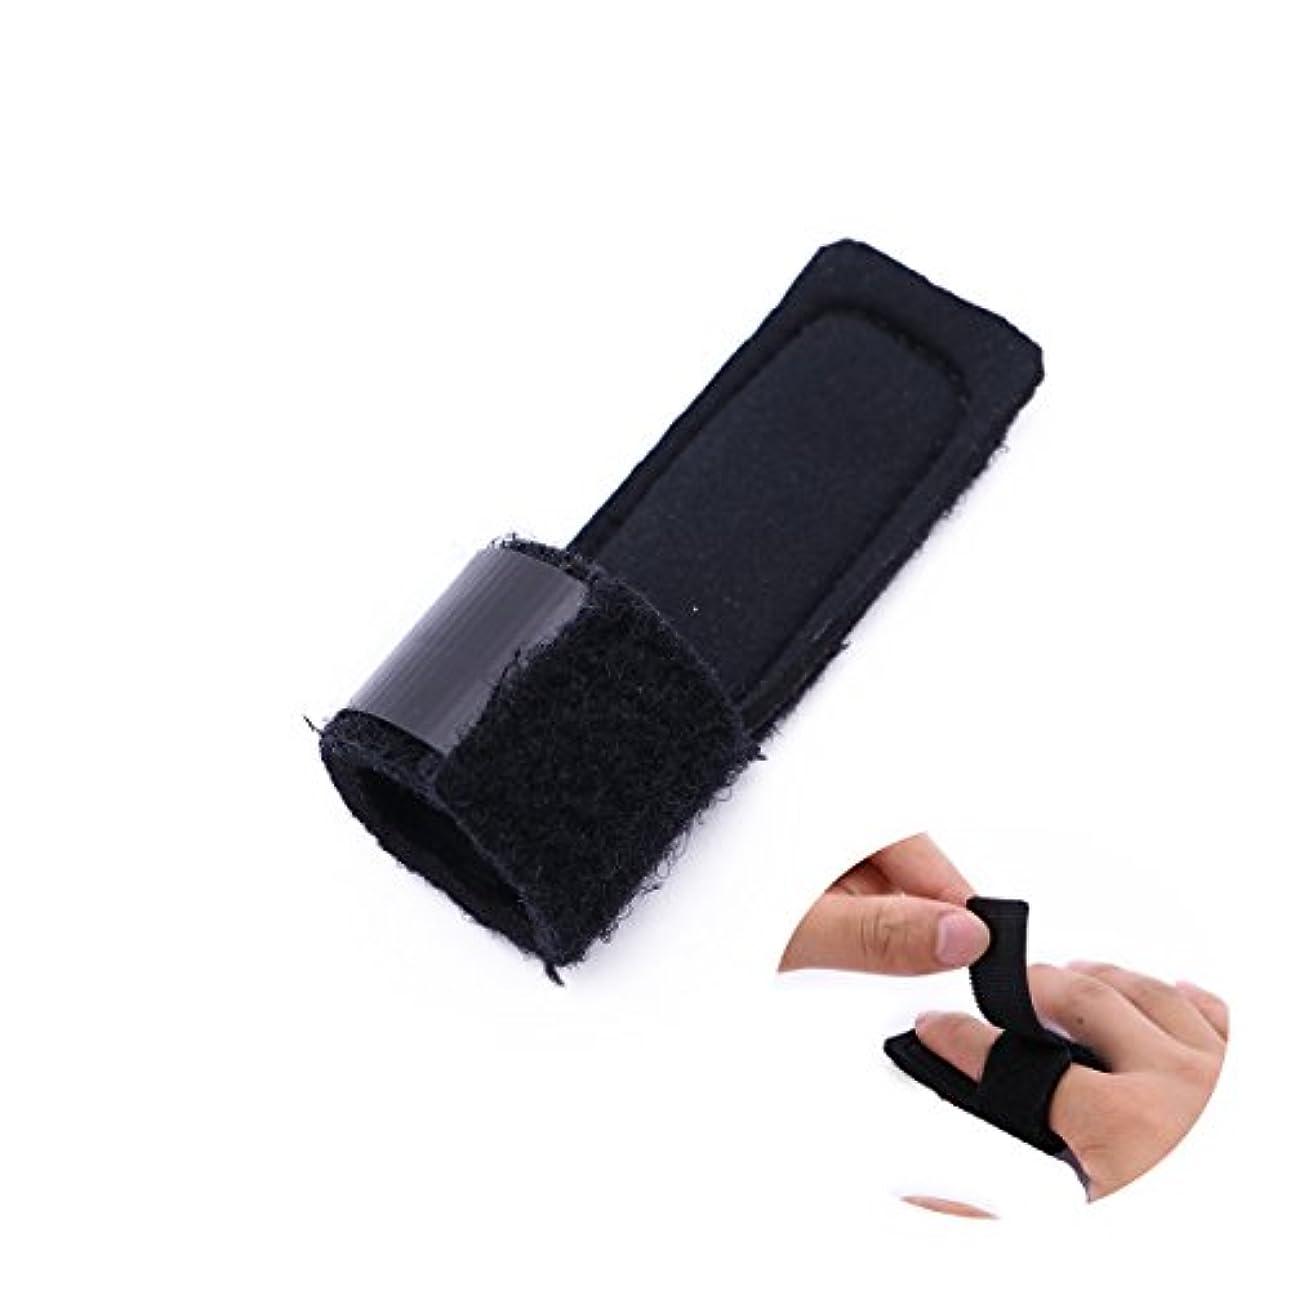 非常に怒っています合体だらしないSUPVOX 指の添え木マレット指の支柱の引き金のための骨折の接合箇所の添え木プロテクター